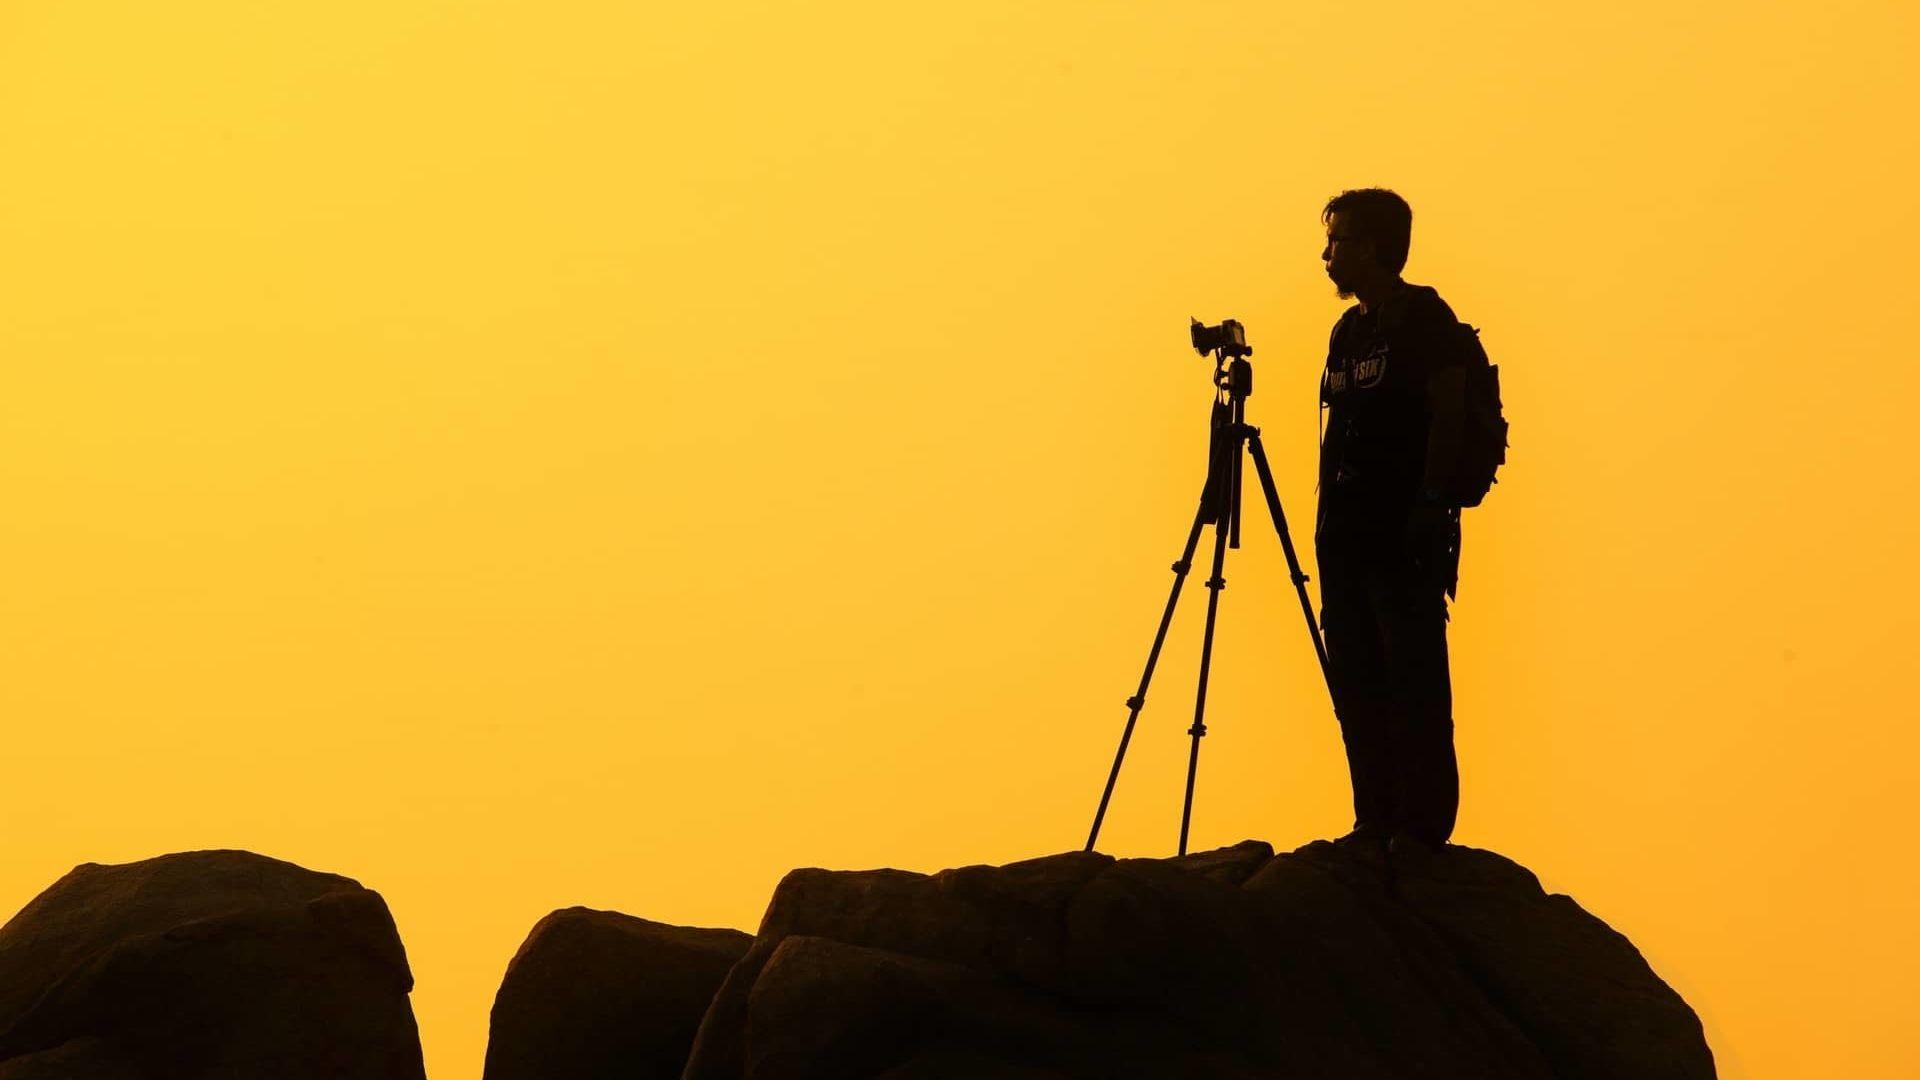 Offerte Lavoro Fotografo Bergamo i migliori 20 corsi di fotografia a bergamo (con preventivi